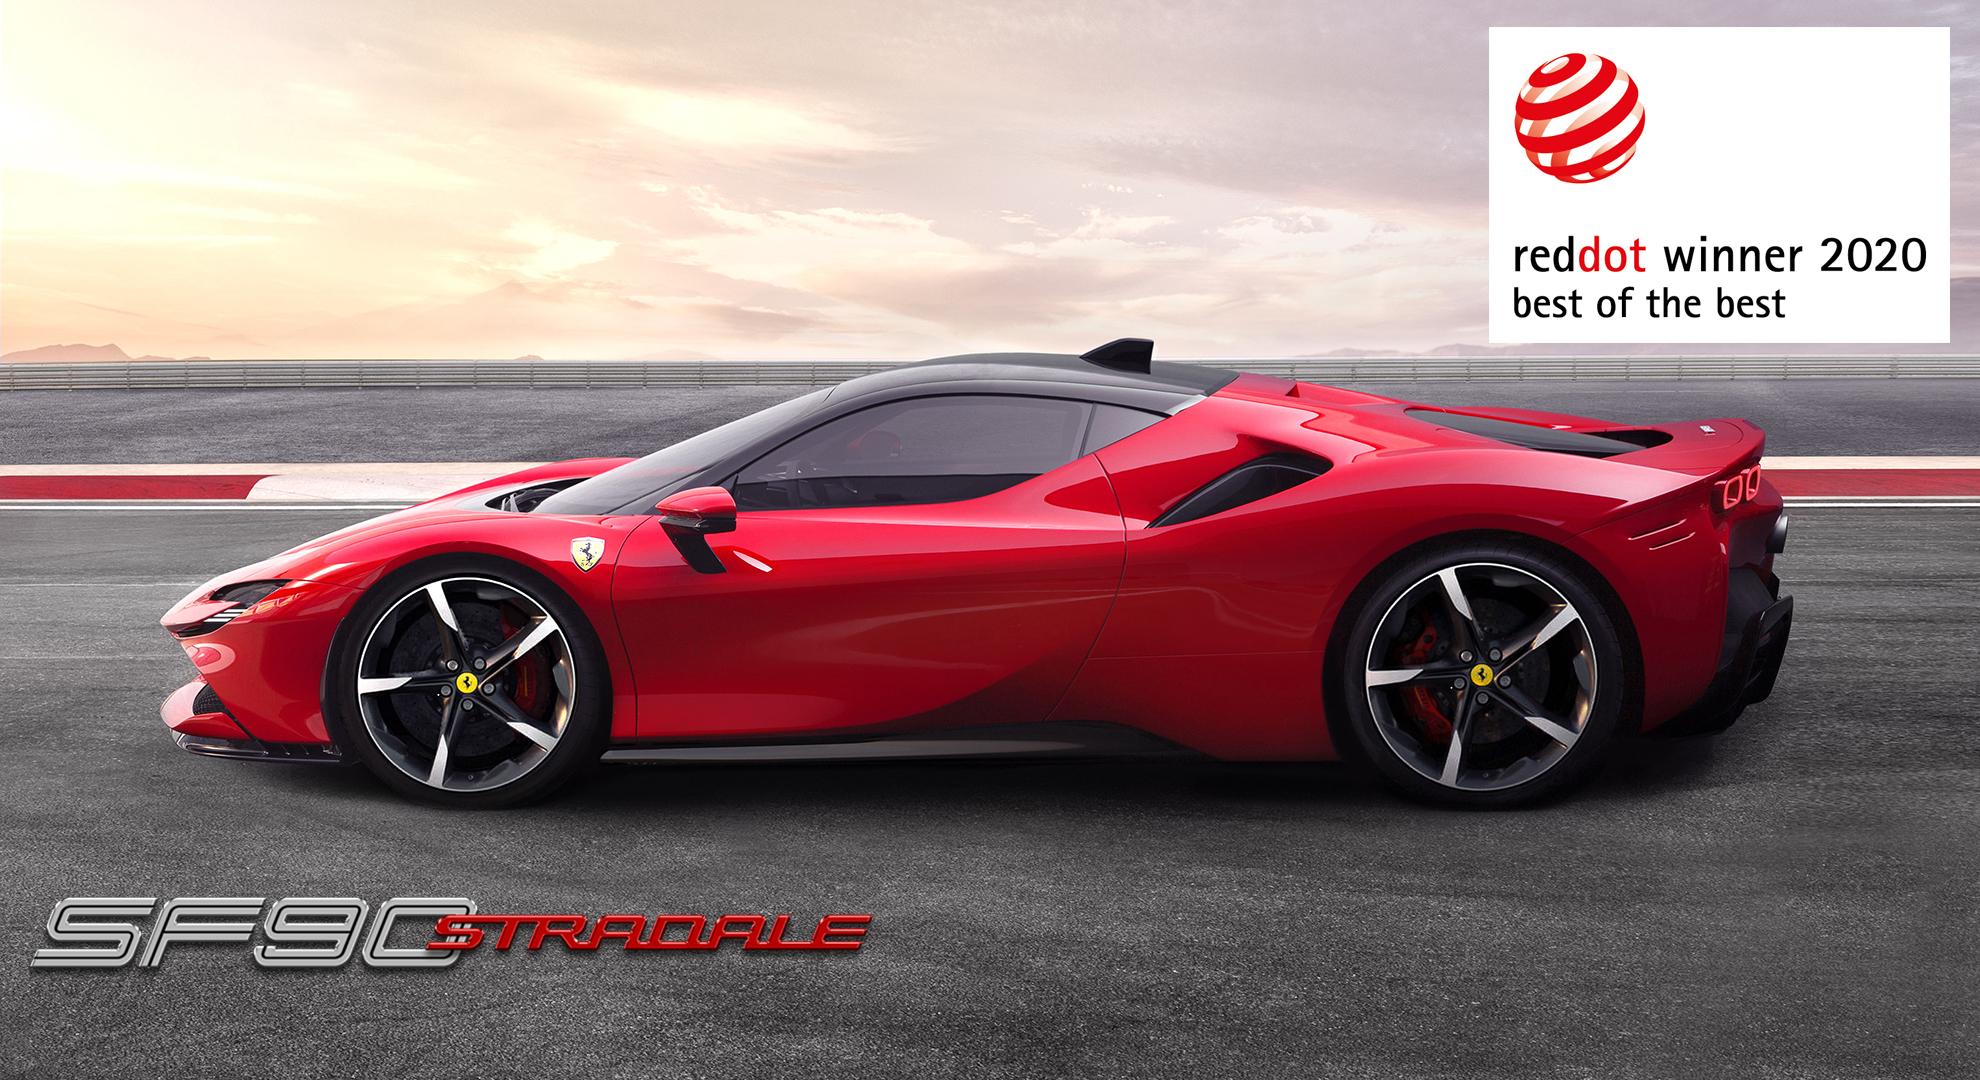 เฟอร์รารี่ SF90 Stradale คว้ารางวัลการออกแบบยอดเยี่ยม  'Best of the Best' จาก Red Dot Award